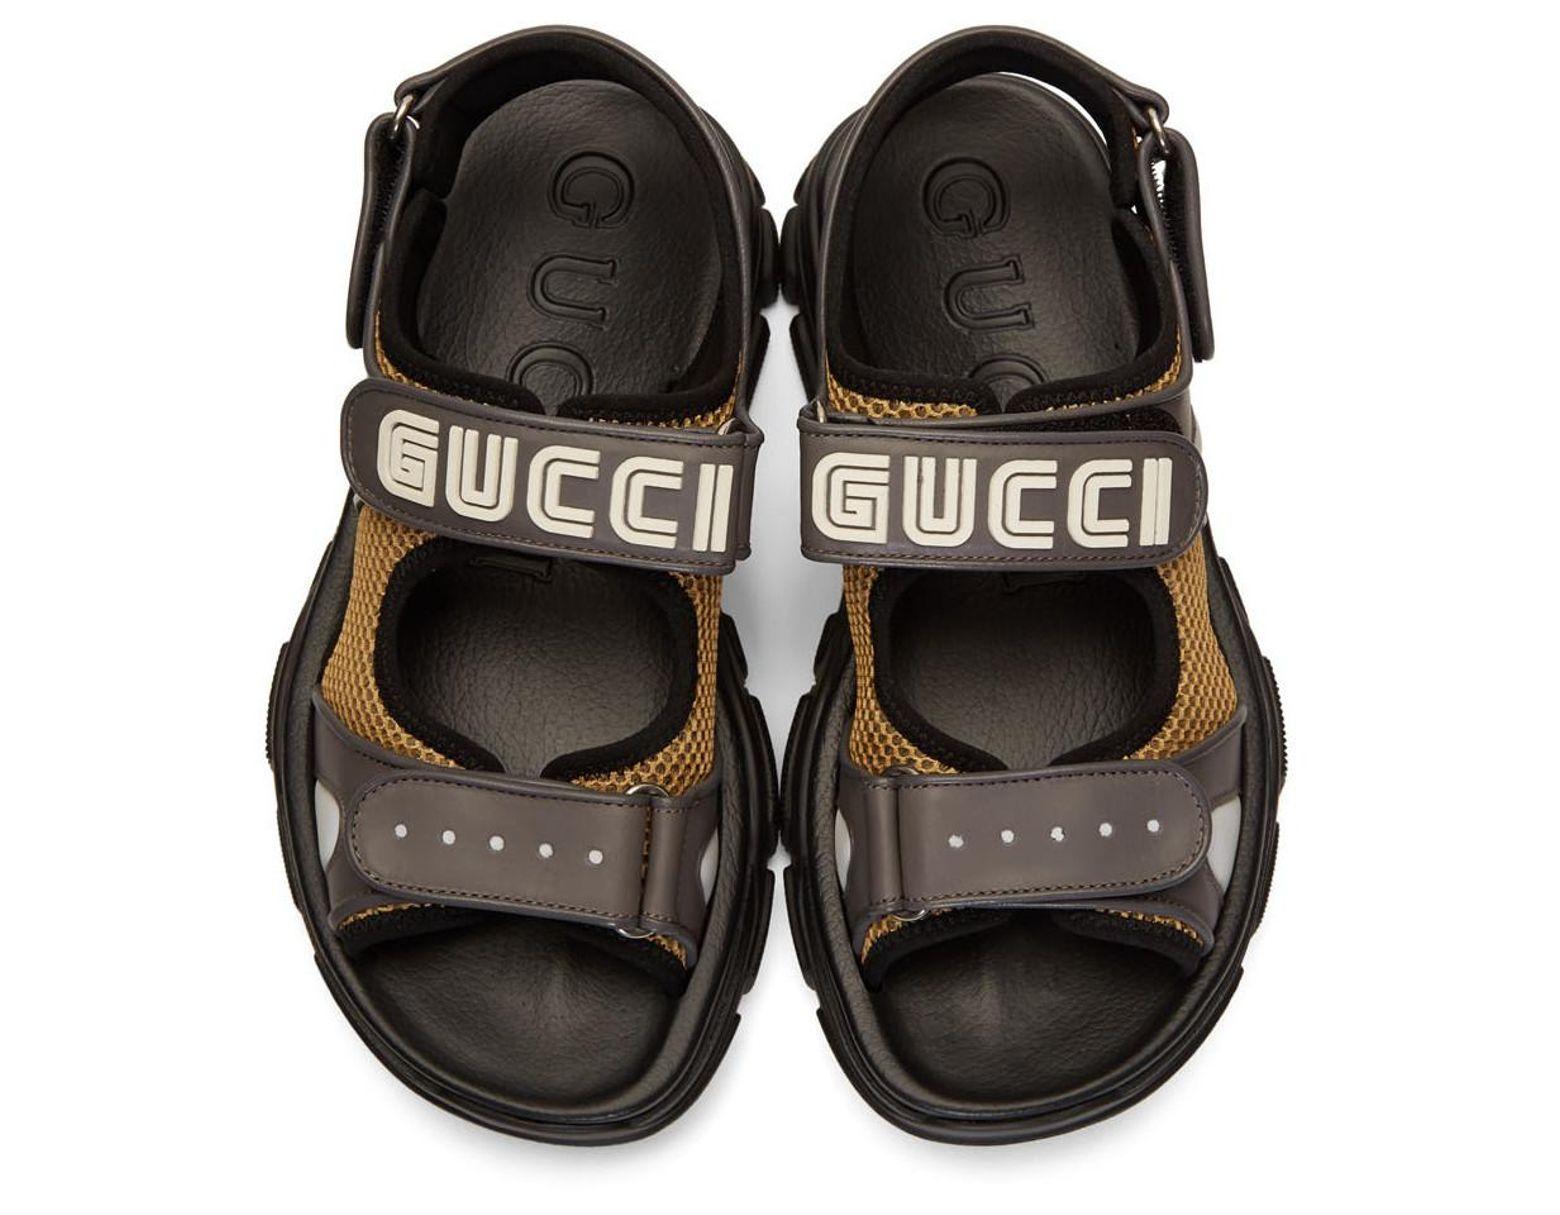 9de4ac4a992 Lyst - Gucci Grey Reflective Sega Aguru Sandals for Men